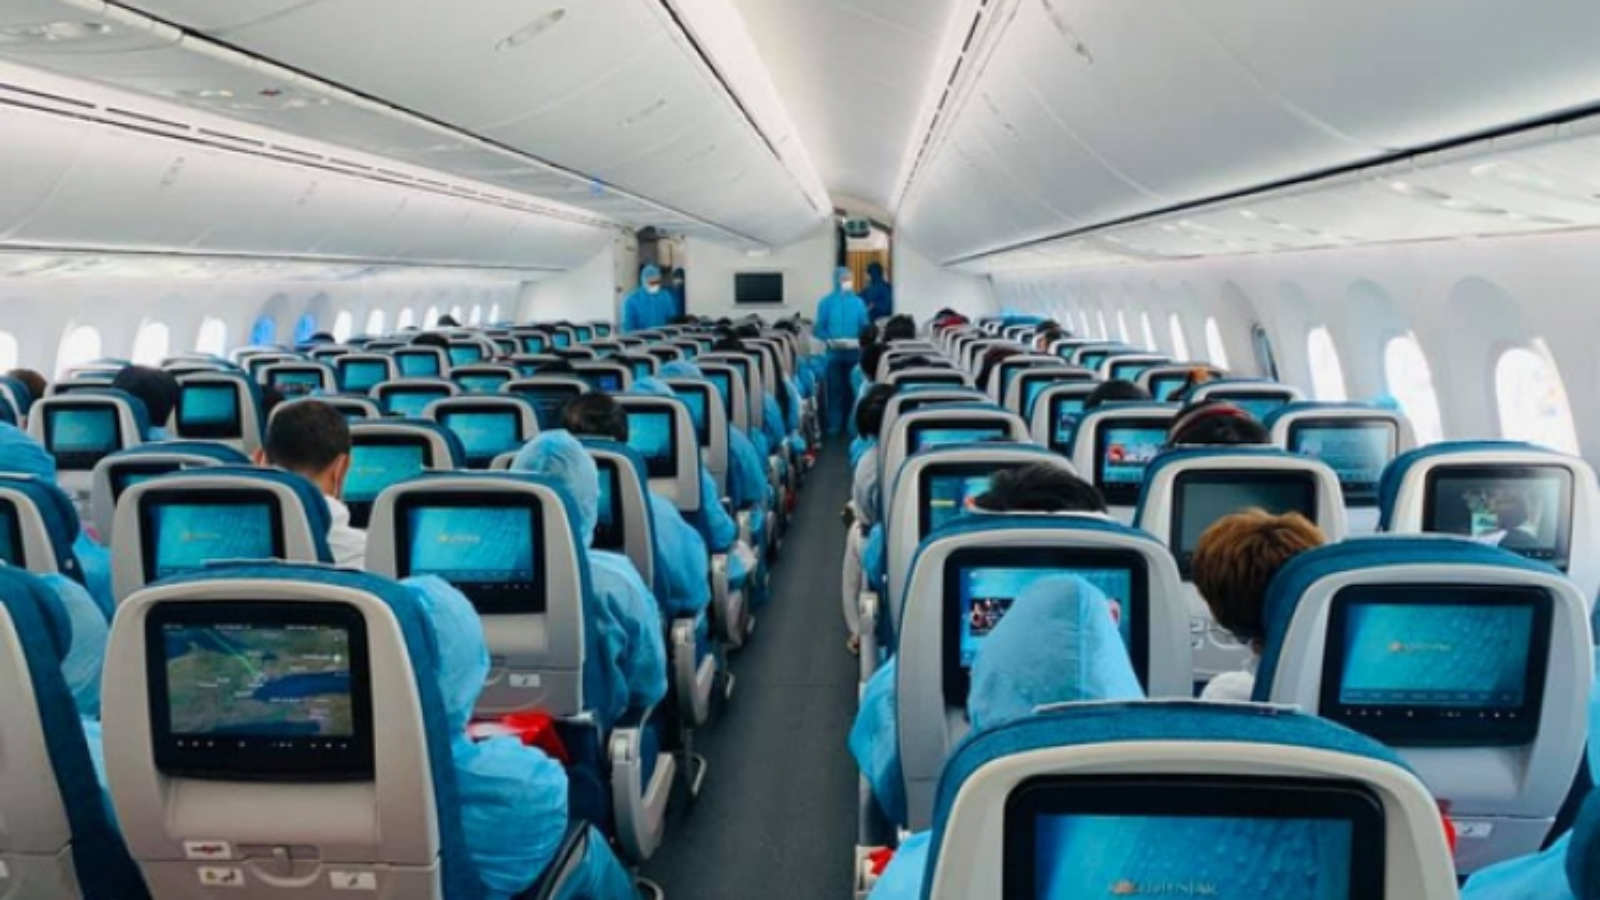 Khởi tố vụ án nam tiếp viên hàng không làm lây lan Covid-19